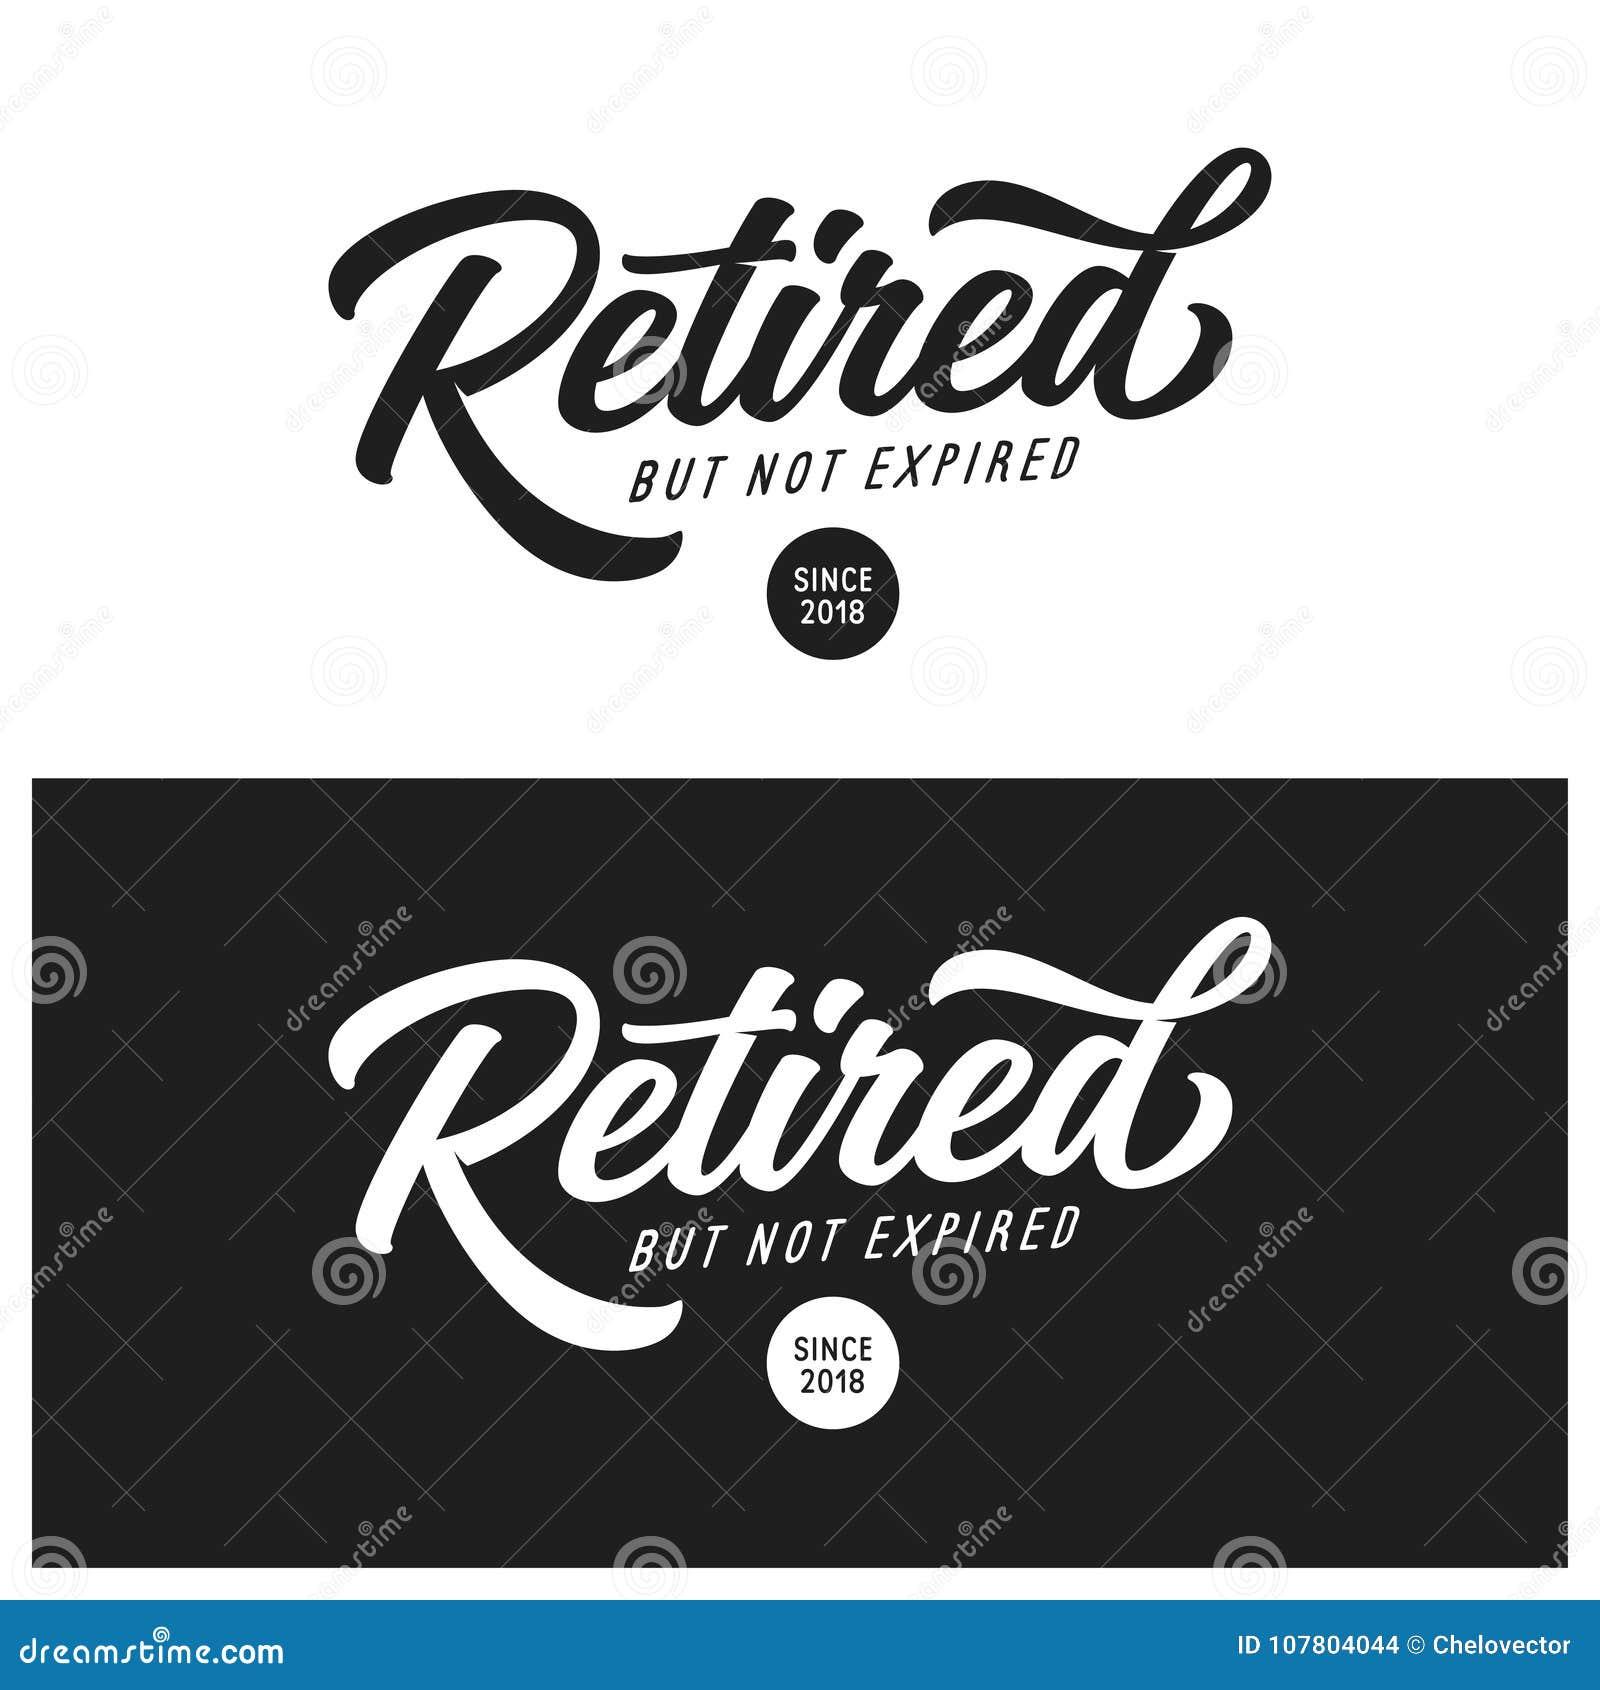 retired not expired t shirt lettering design vector vintage illustration